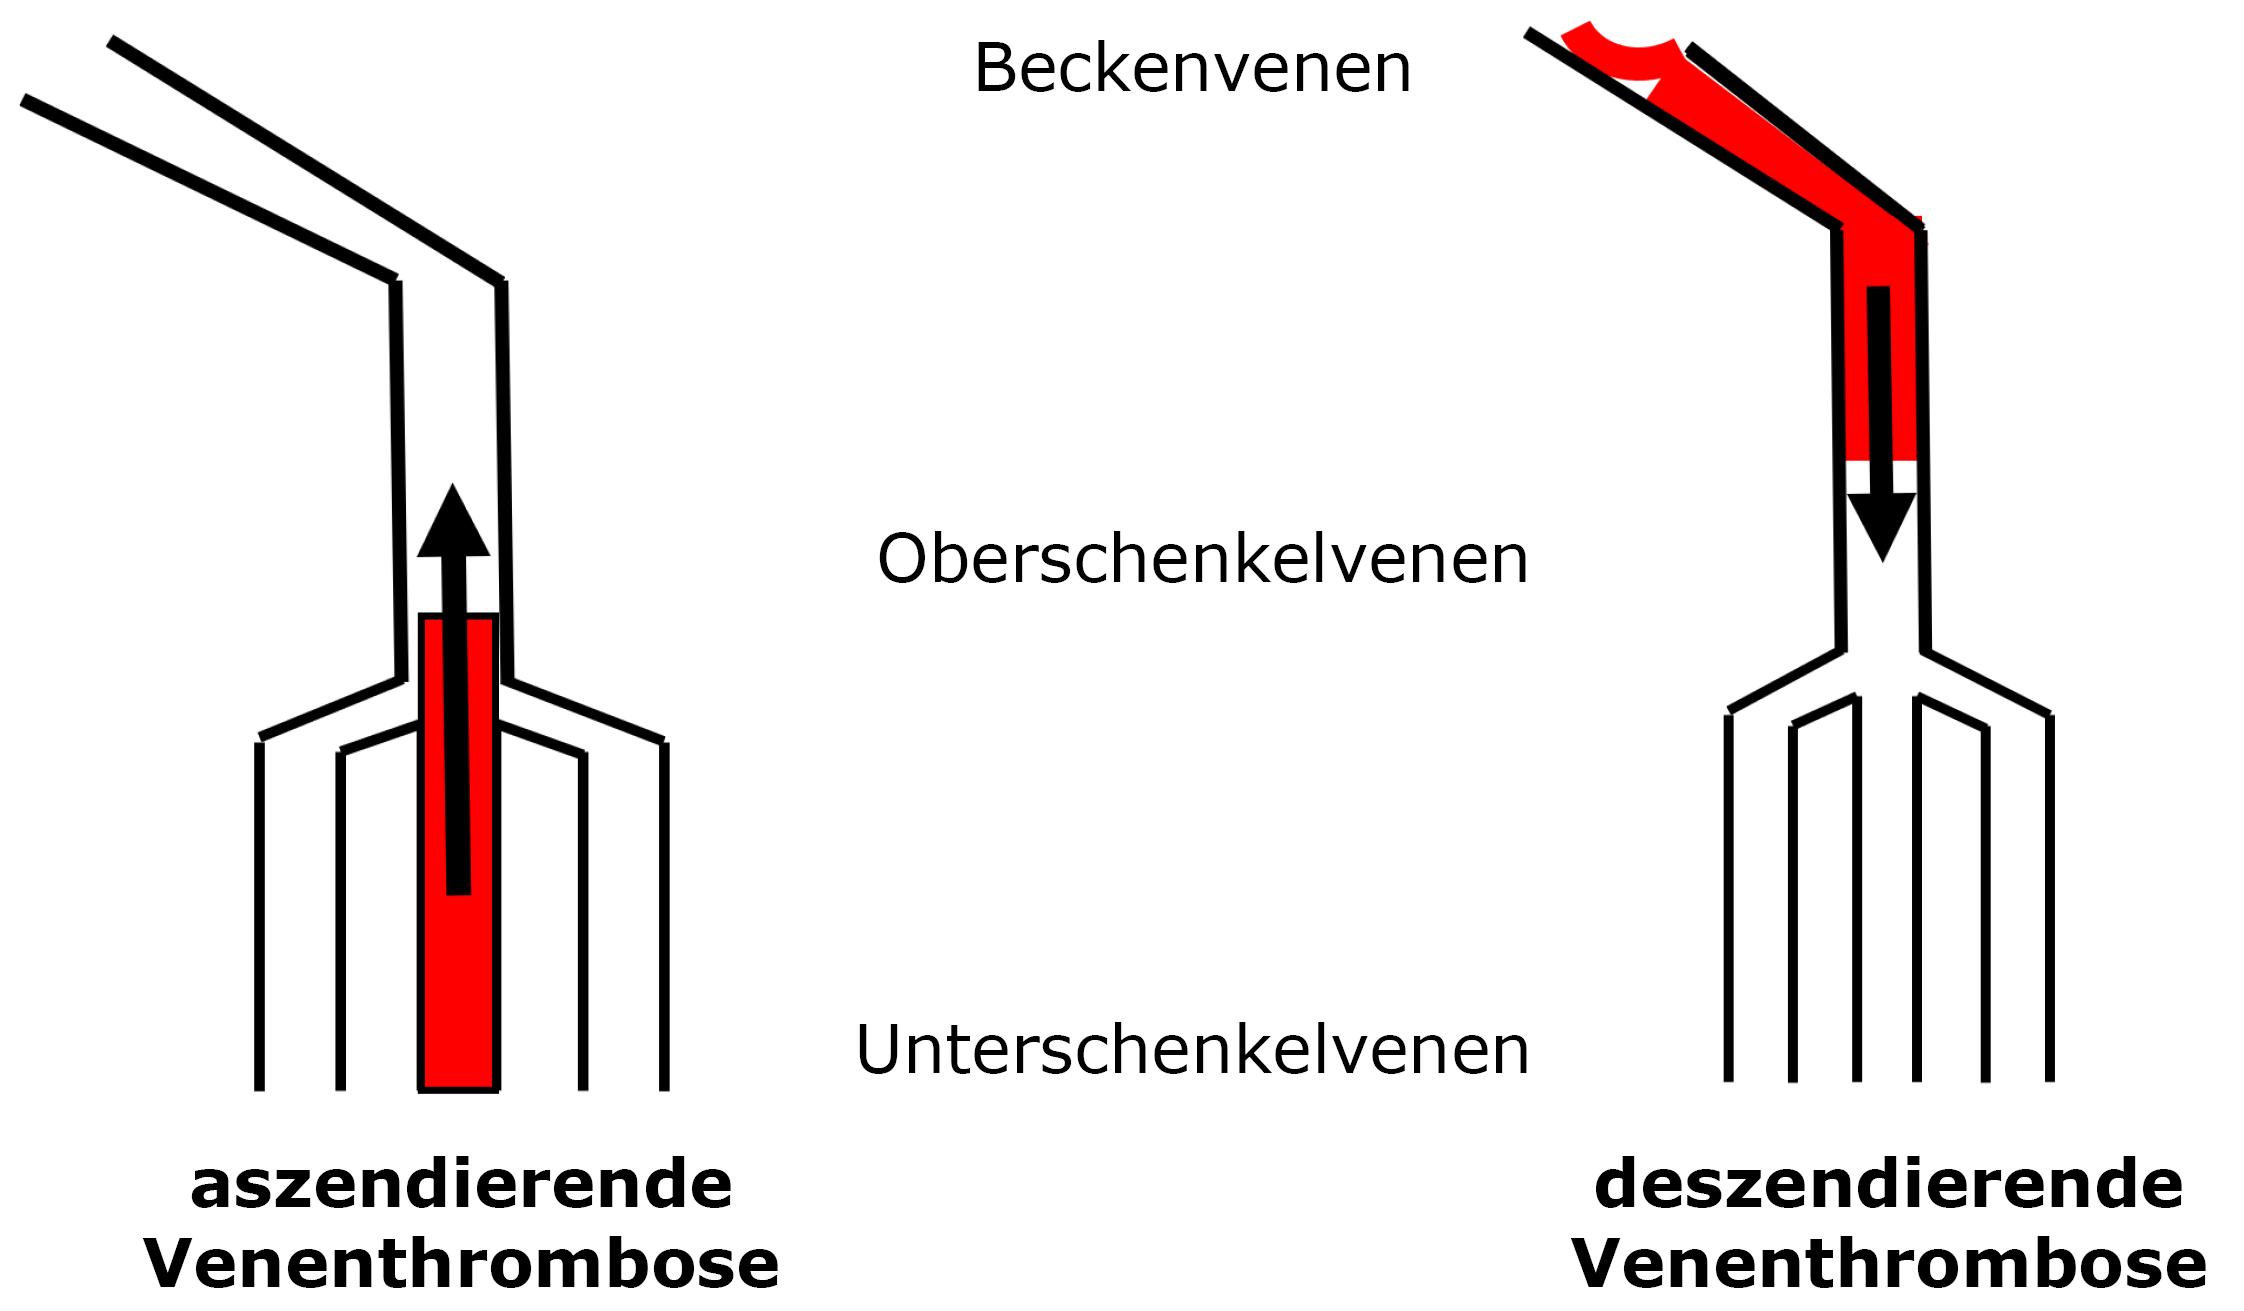 Venenthrombose Schema